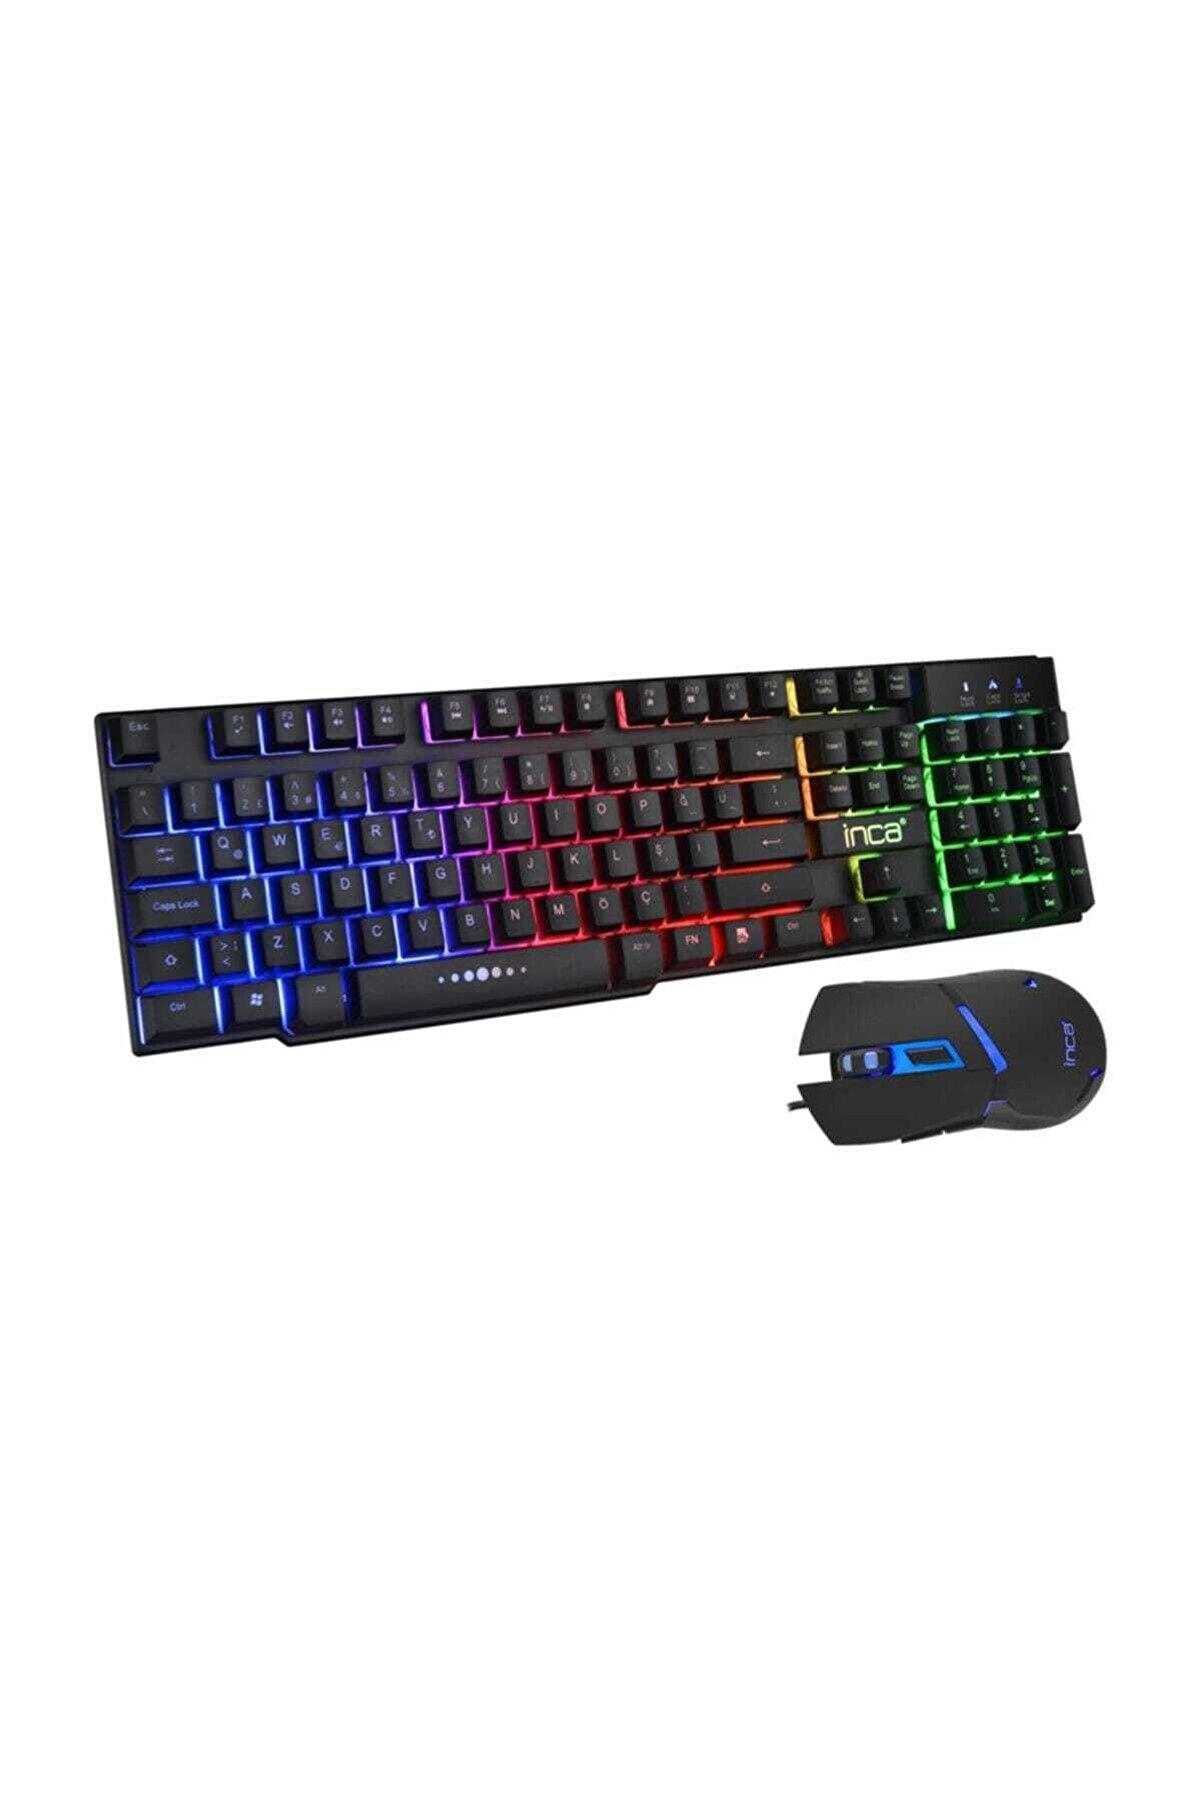 Inca Ikg-448 Gökkuşağı Efect Mekanik Hisli Gaming Klavye ve Mouse Set